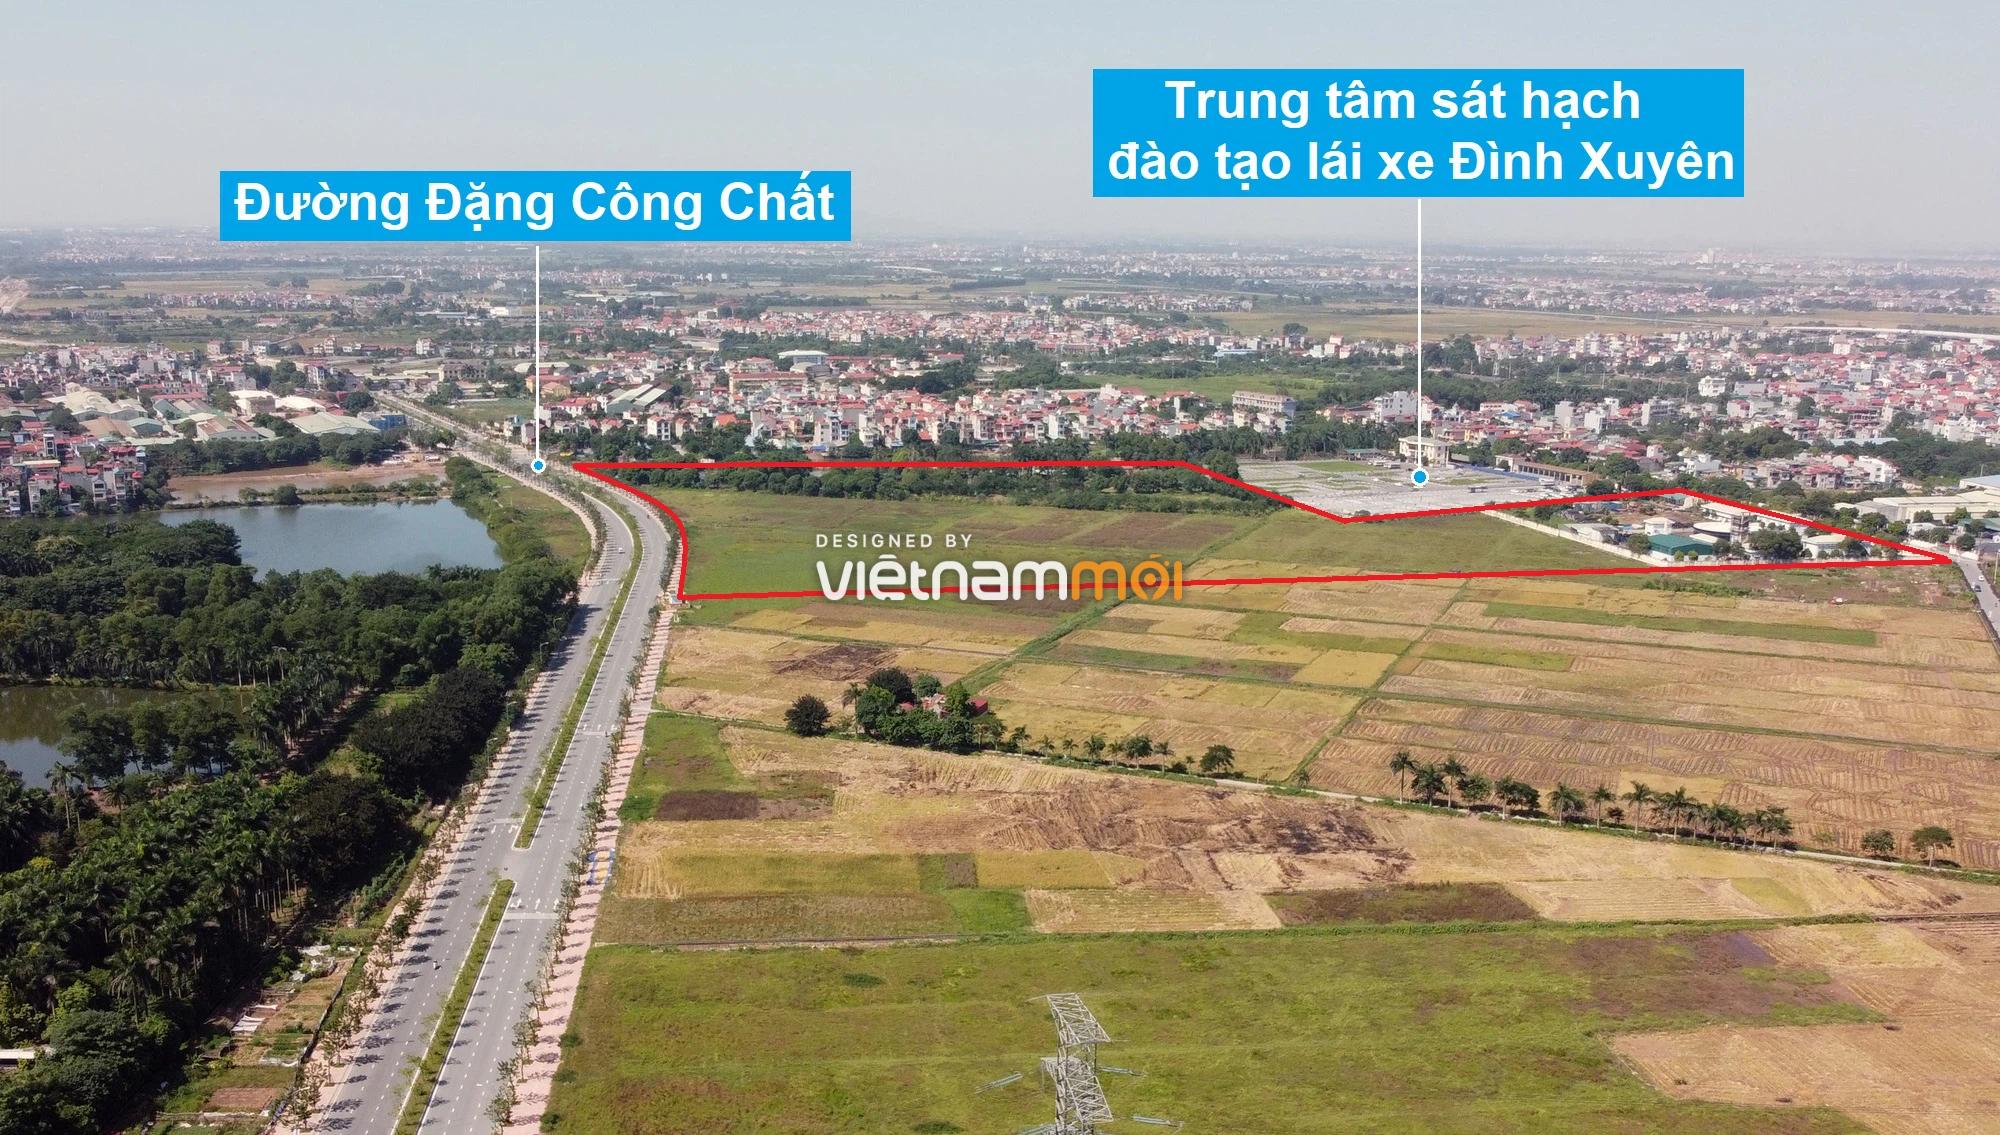 Gia Lâm lấy ý kiến về hai dự án công viên cây xanh ở Đình Xuyên và Đa Tốn - Ảnh 2.